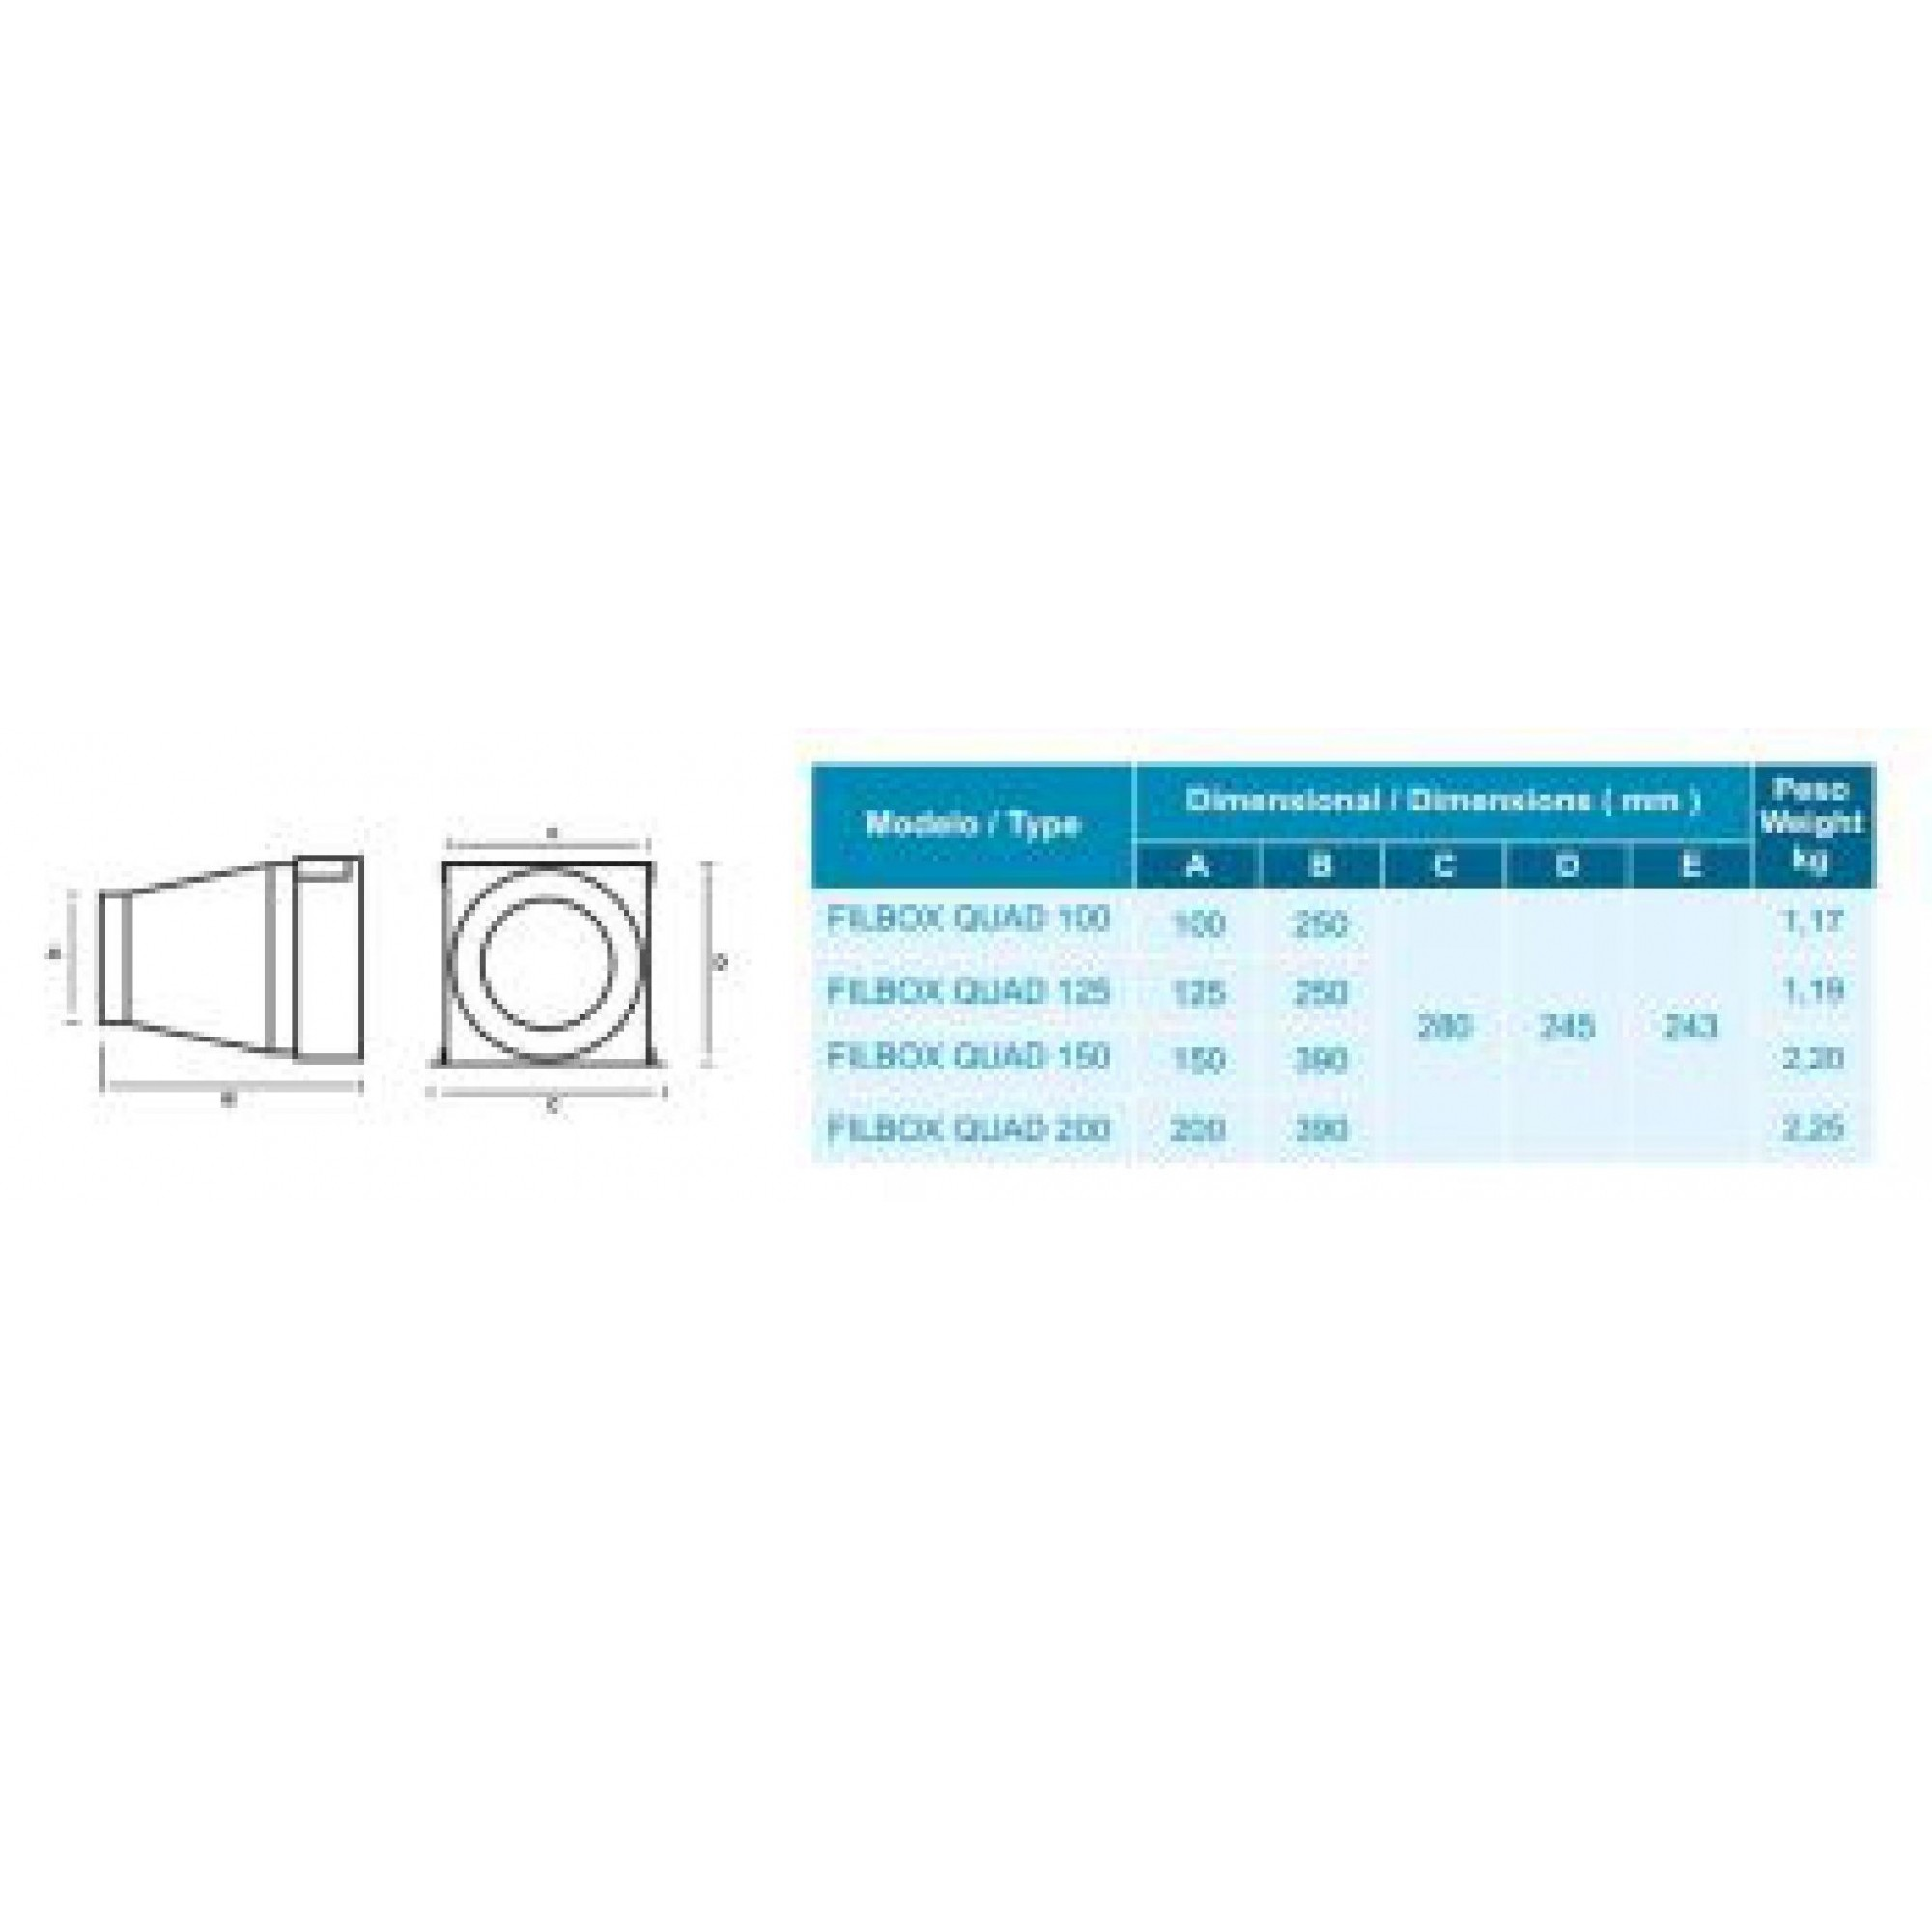 Caixa de Filtragem em ABS Mod: Filbox Quad-125-CA + Maxx-125 - 220V (Filtro de Carvão Ativado)  - Nova Exaustores